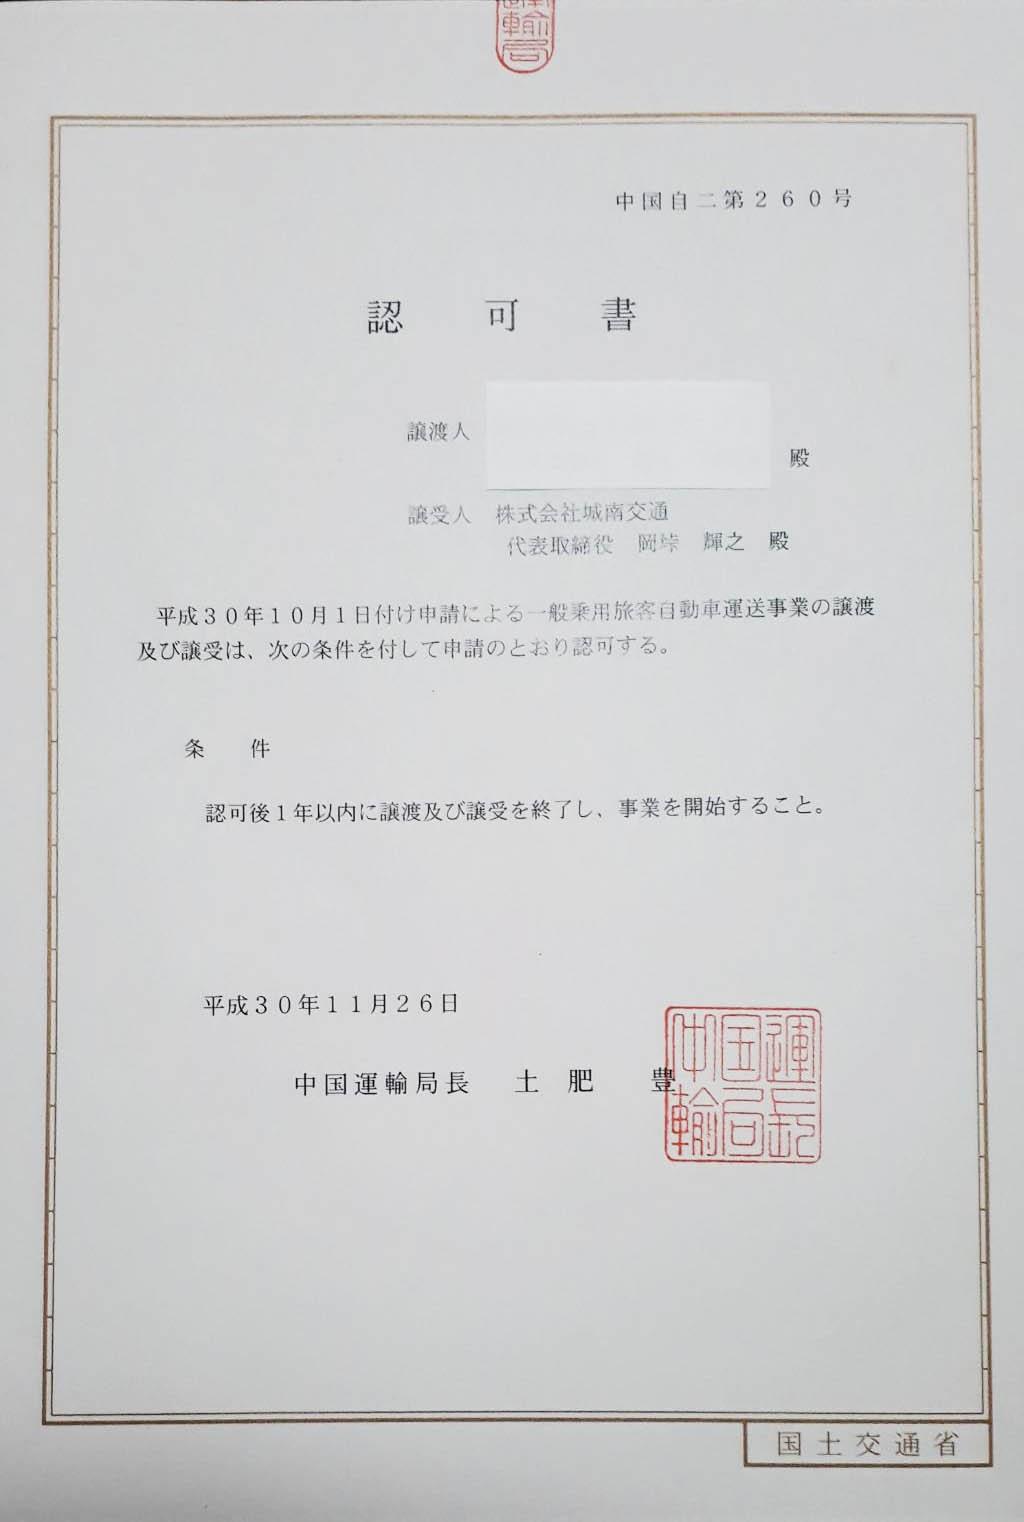 中国運輸局よりタクシー権利譲渡譲受の認可を頂きました